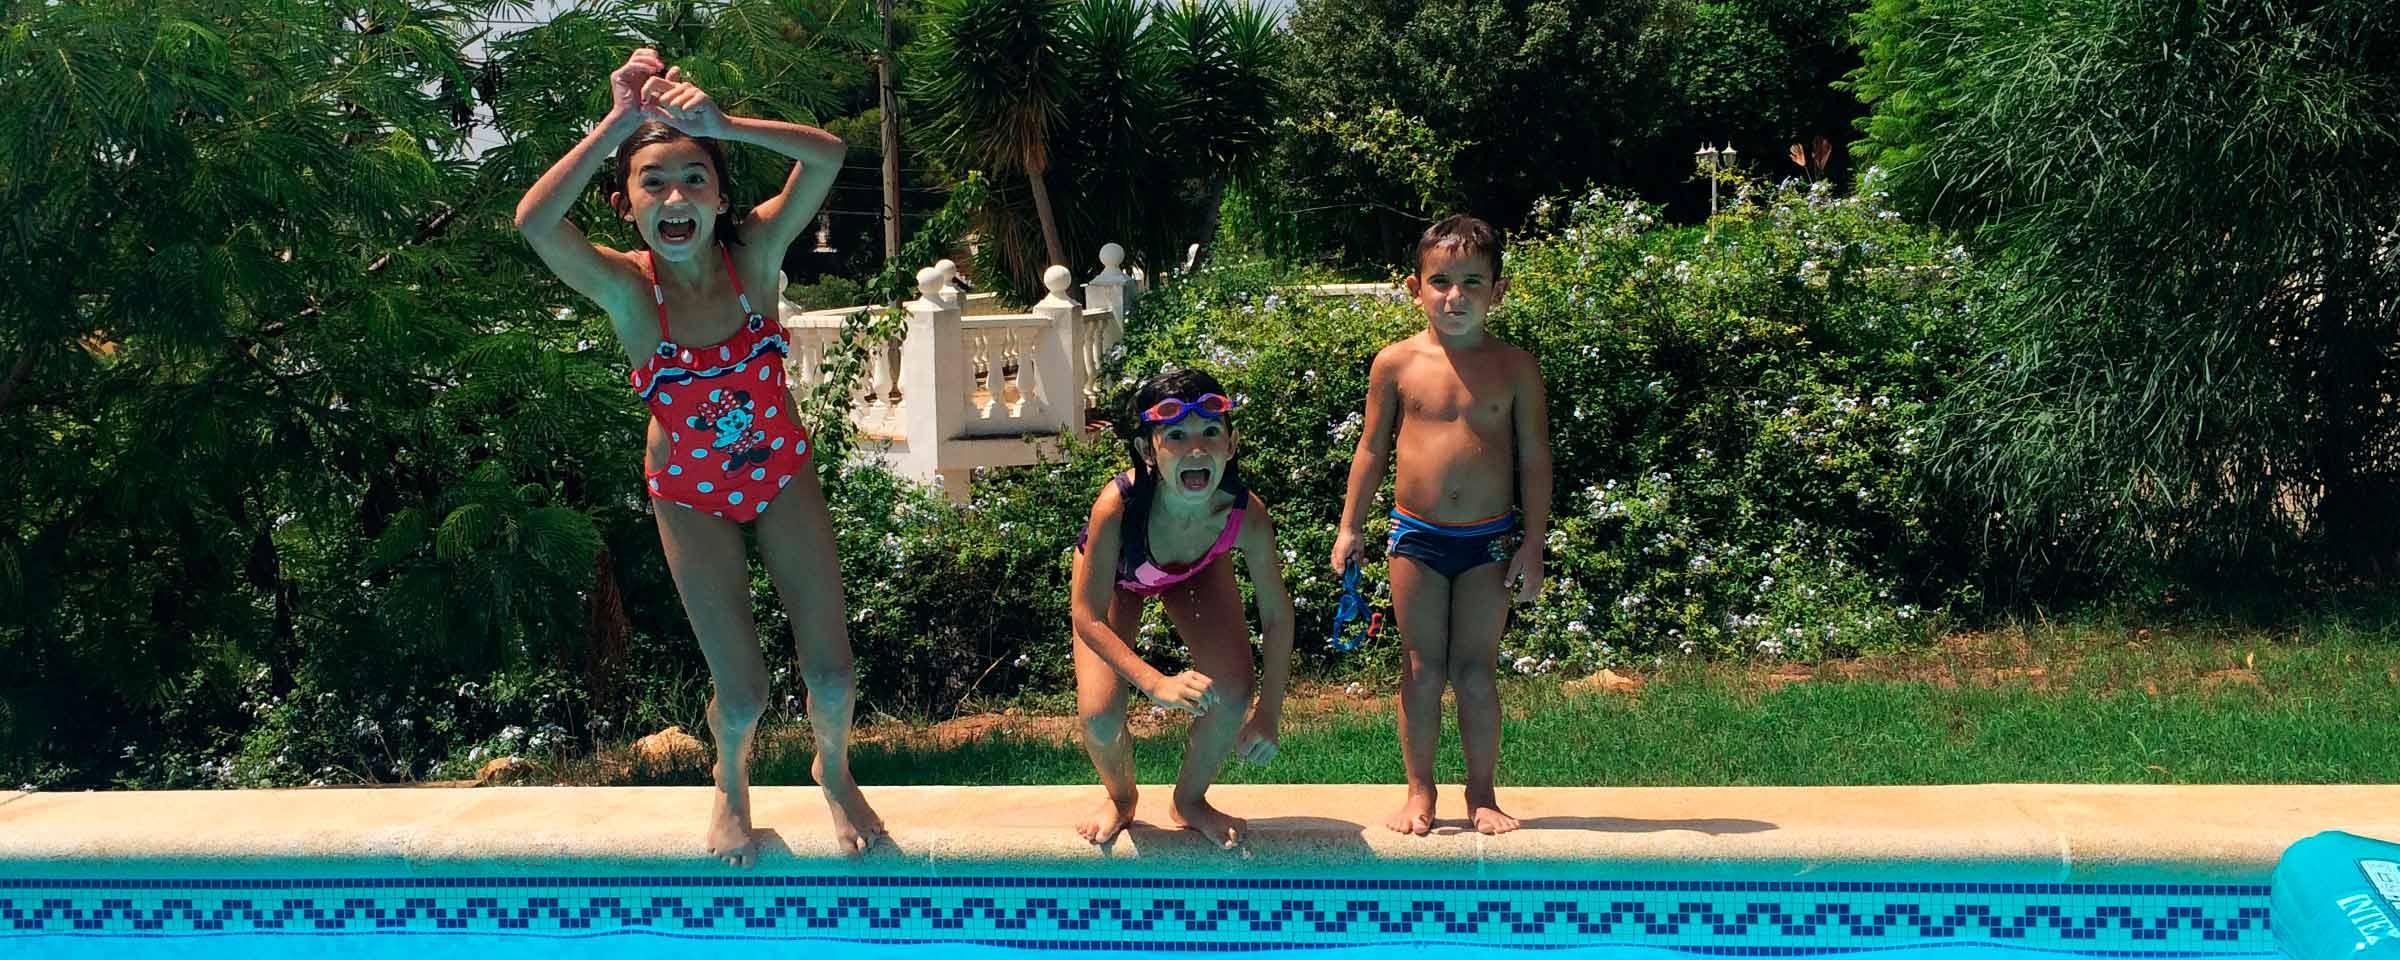 Piscinas online construcci n instalaci n piscinas valencia for Piscinas online ofertas